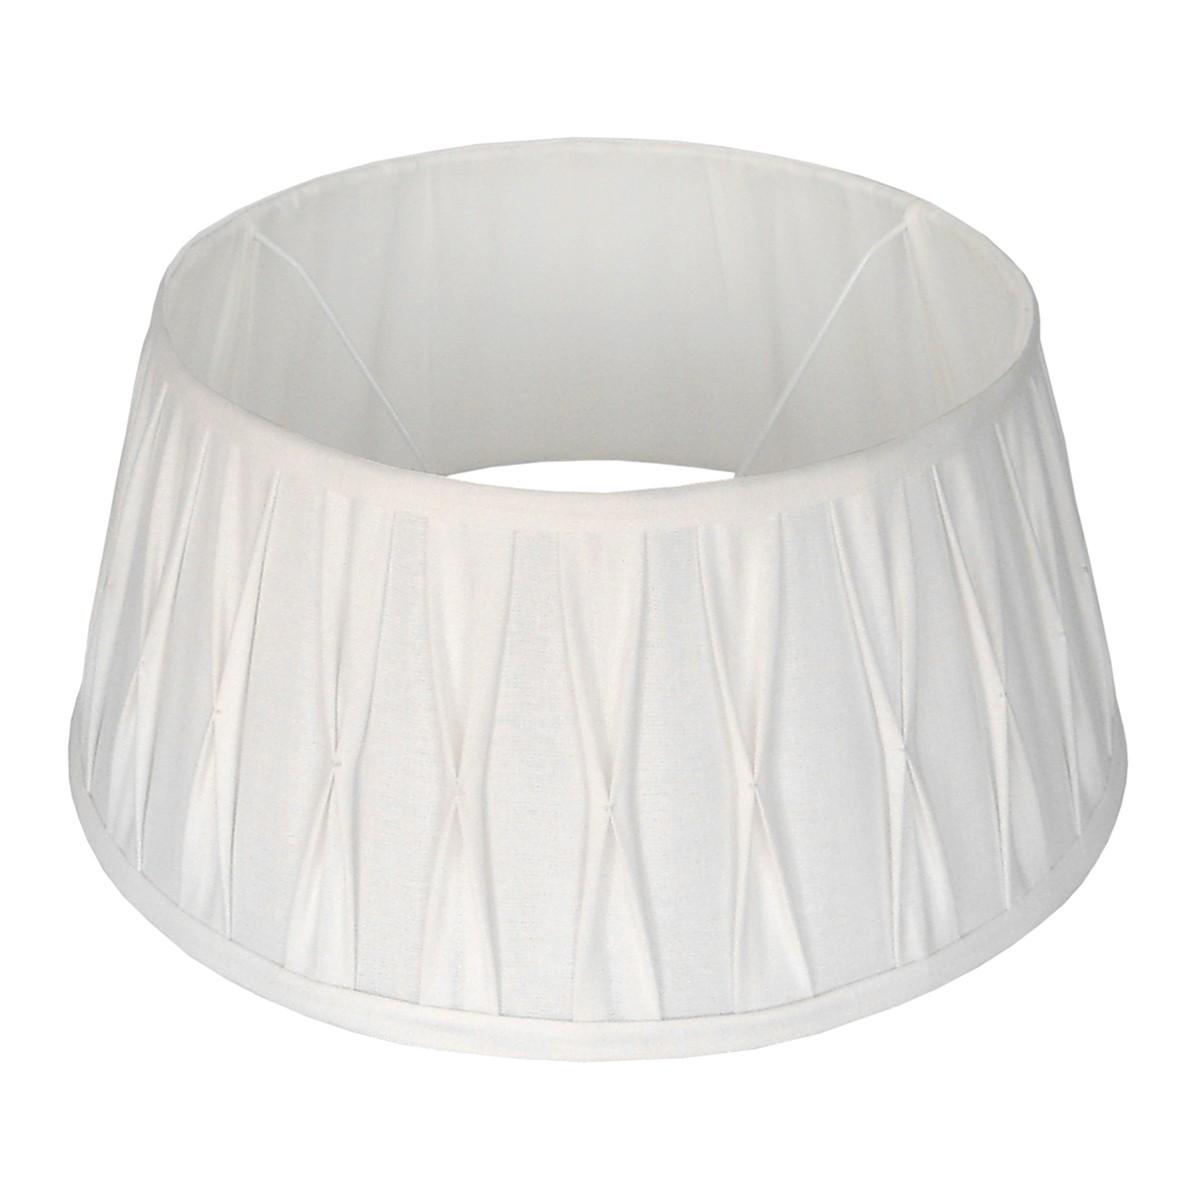 Lampenschirm weiß rund,  Durchmesser 25 cm